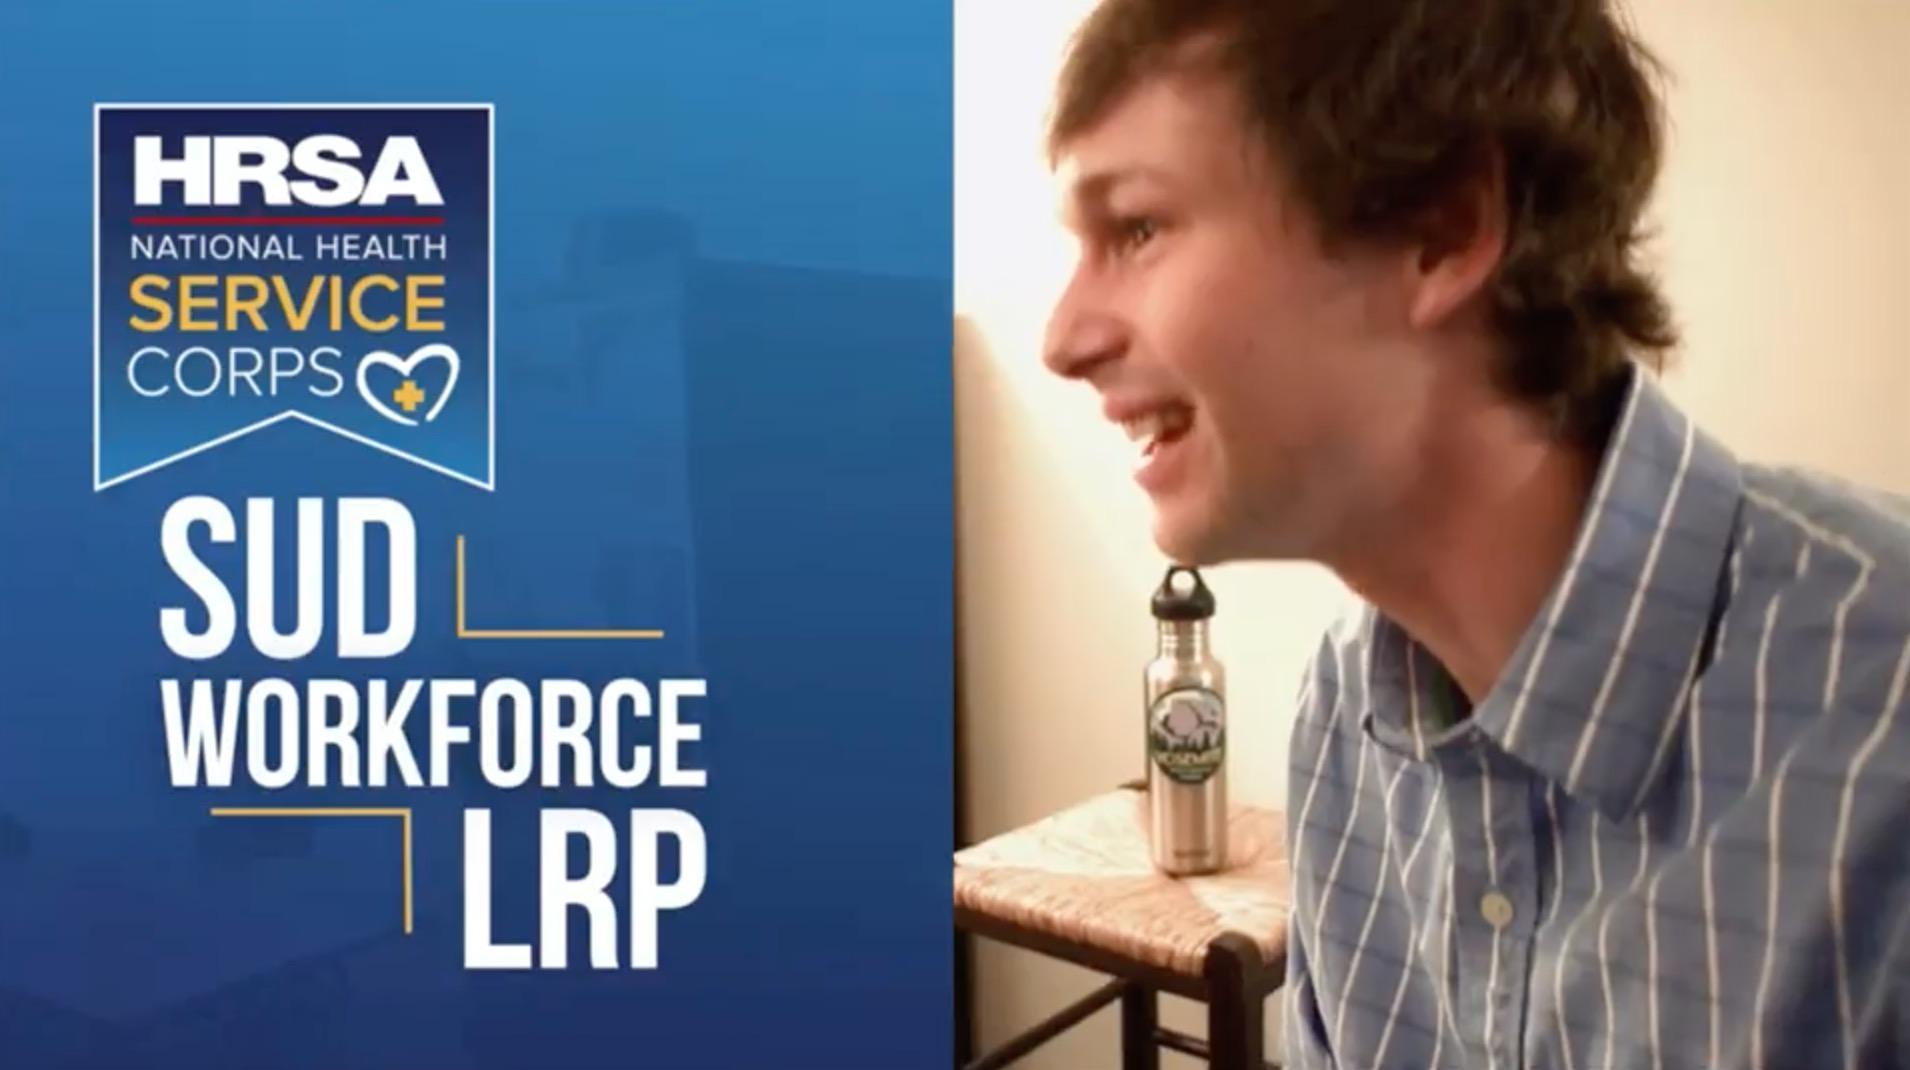 SUD Workforce LRP